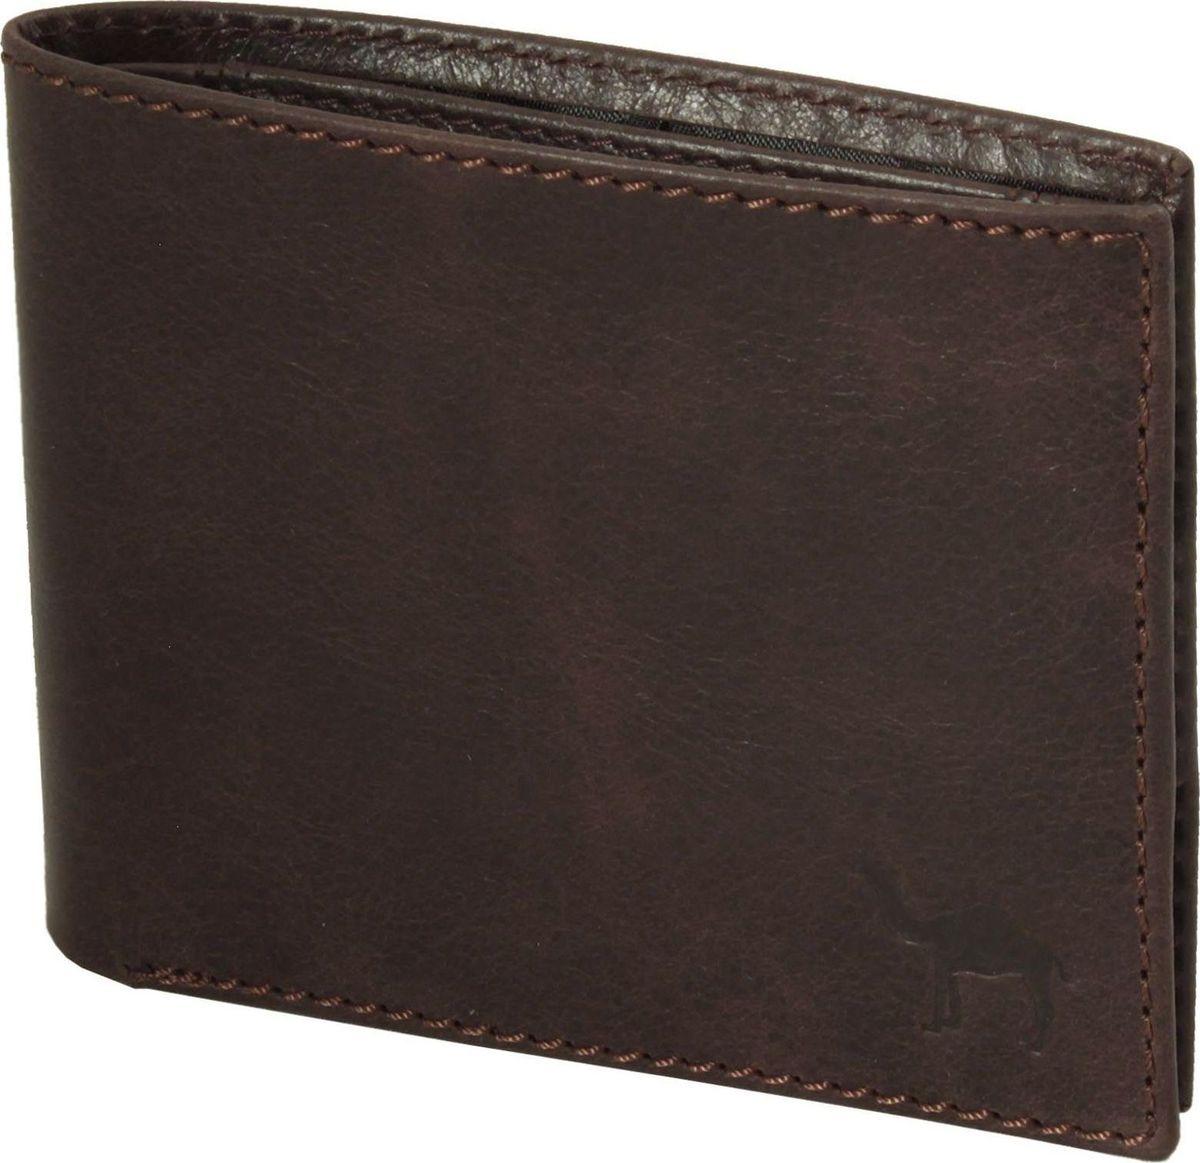 Портмоне мужское Dimanche Camel, цвет: коричневый. 635/к635/к_коричневыйУдобное небольшое мужское портмоне из мягкой натуральной кожи. Внутри два отделения для купюр, дополнительный карман, пять карманов для кредиток/визиток, отделение для мелочи на кнопочке и карман для sim карты. Закрывается на кнопочку.